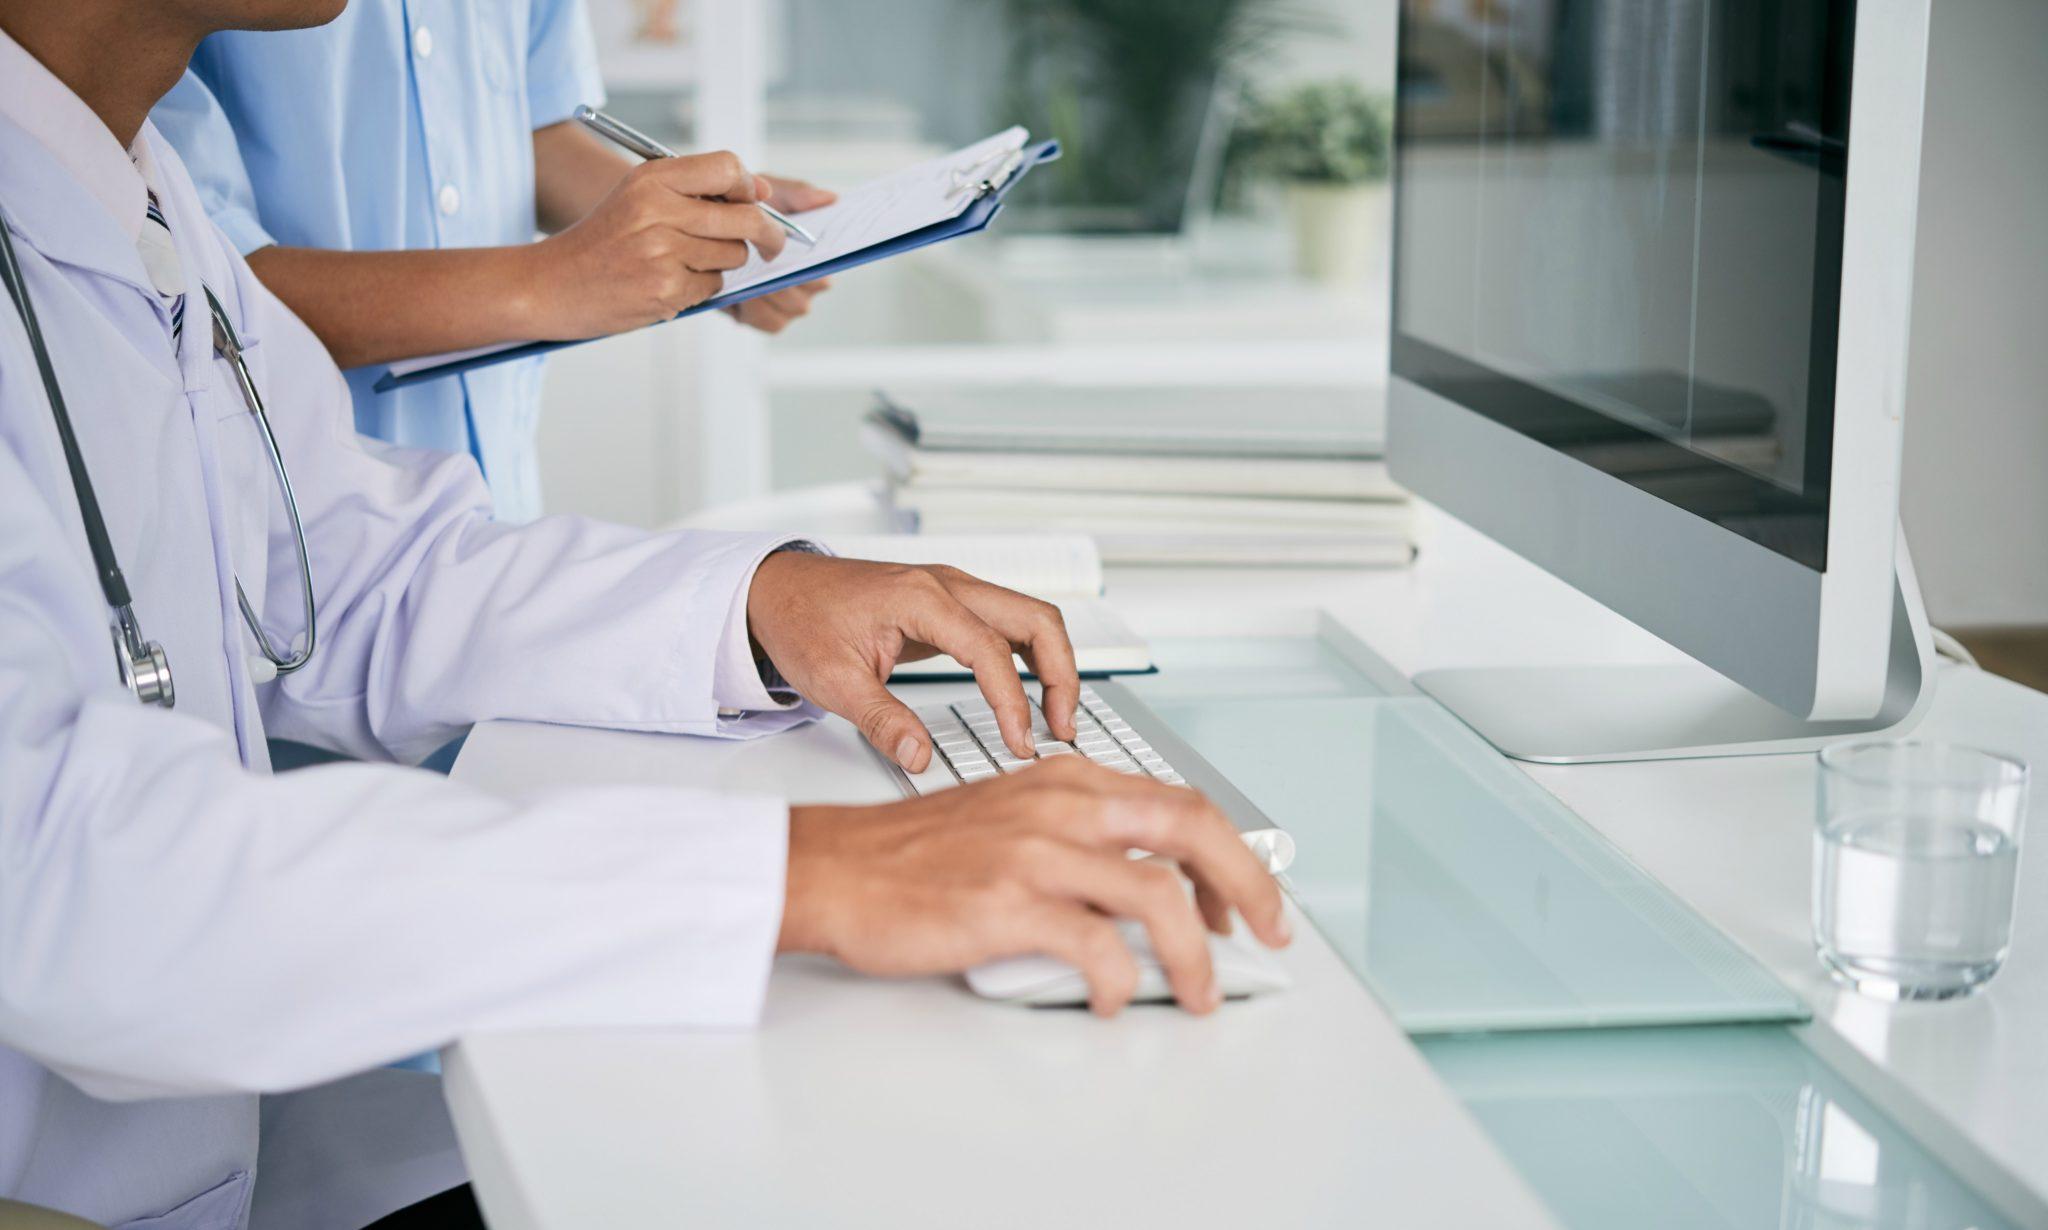 Telemedicina e receitas digitais são reconhecidas por lei no Rio de Janeiro